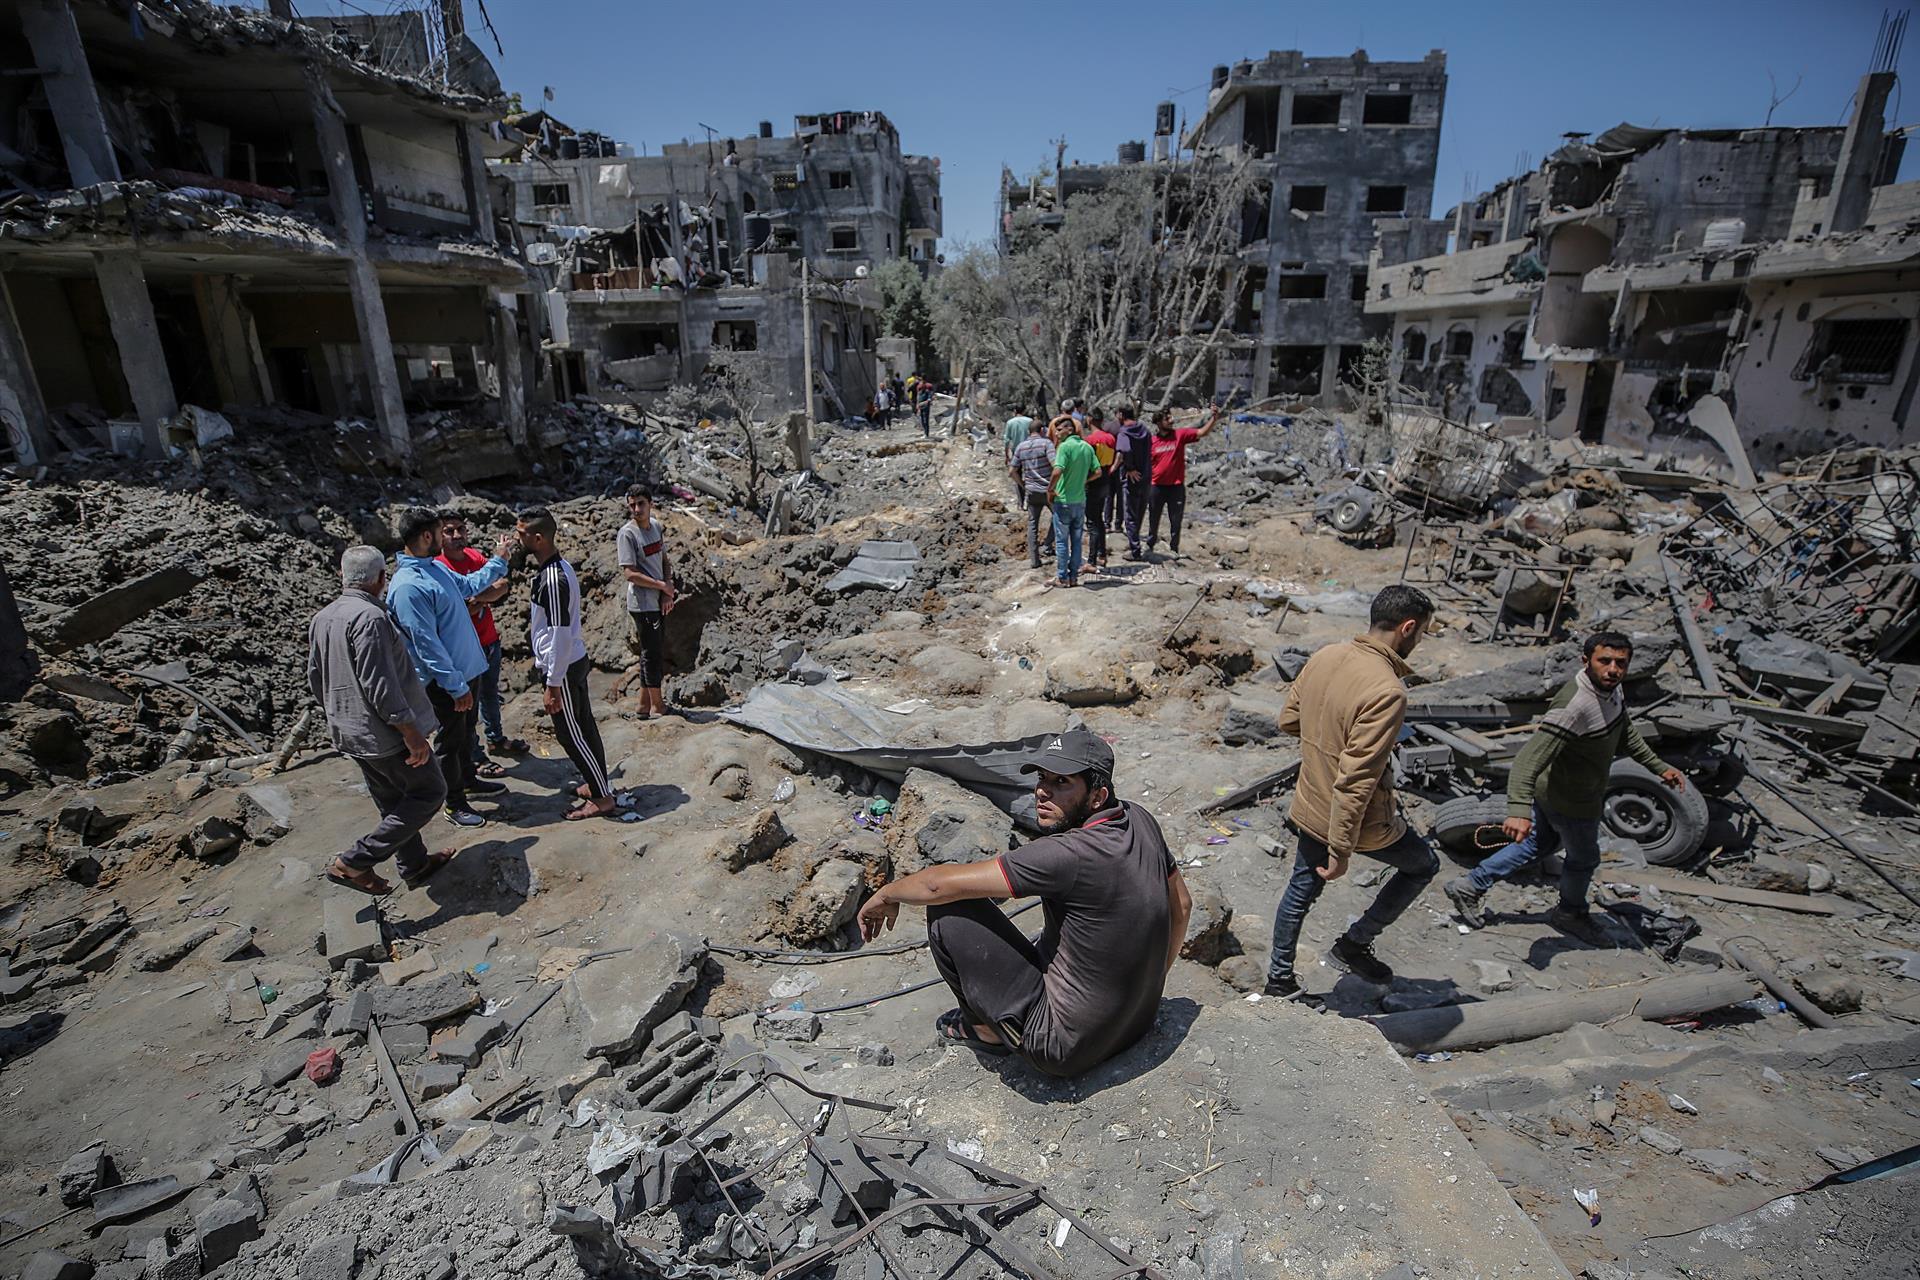 Palestinos inspecionam suas casas destruídas após ataques aéreos israelenses na cidade de Beit Hanun, no norte da Faixa de Gaza, 14